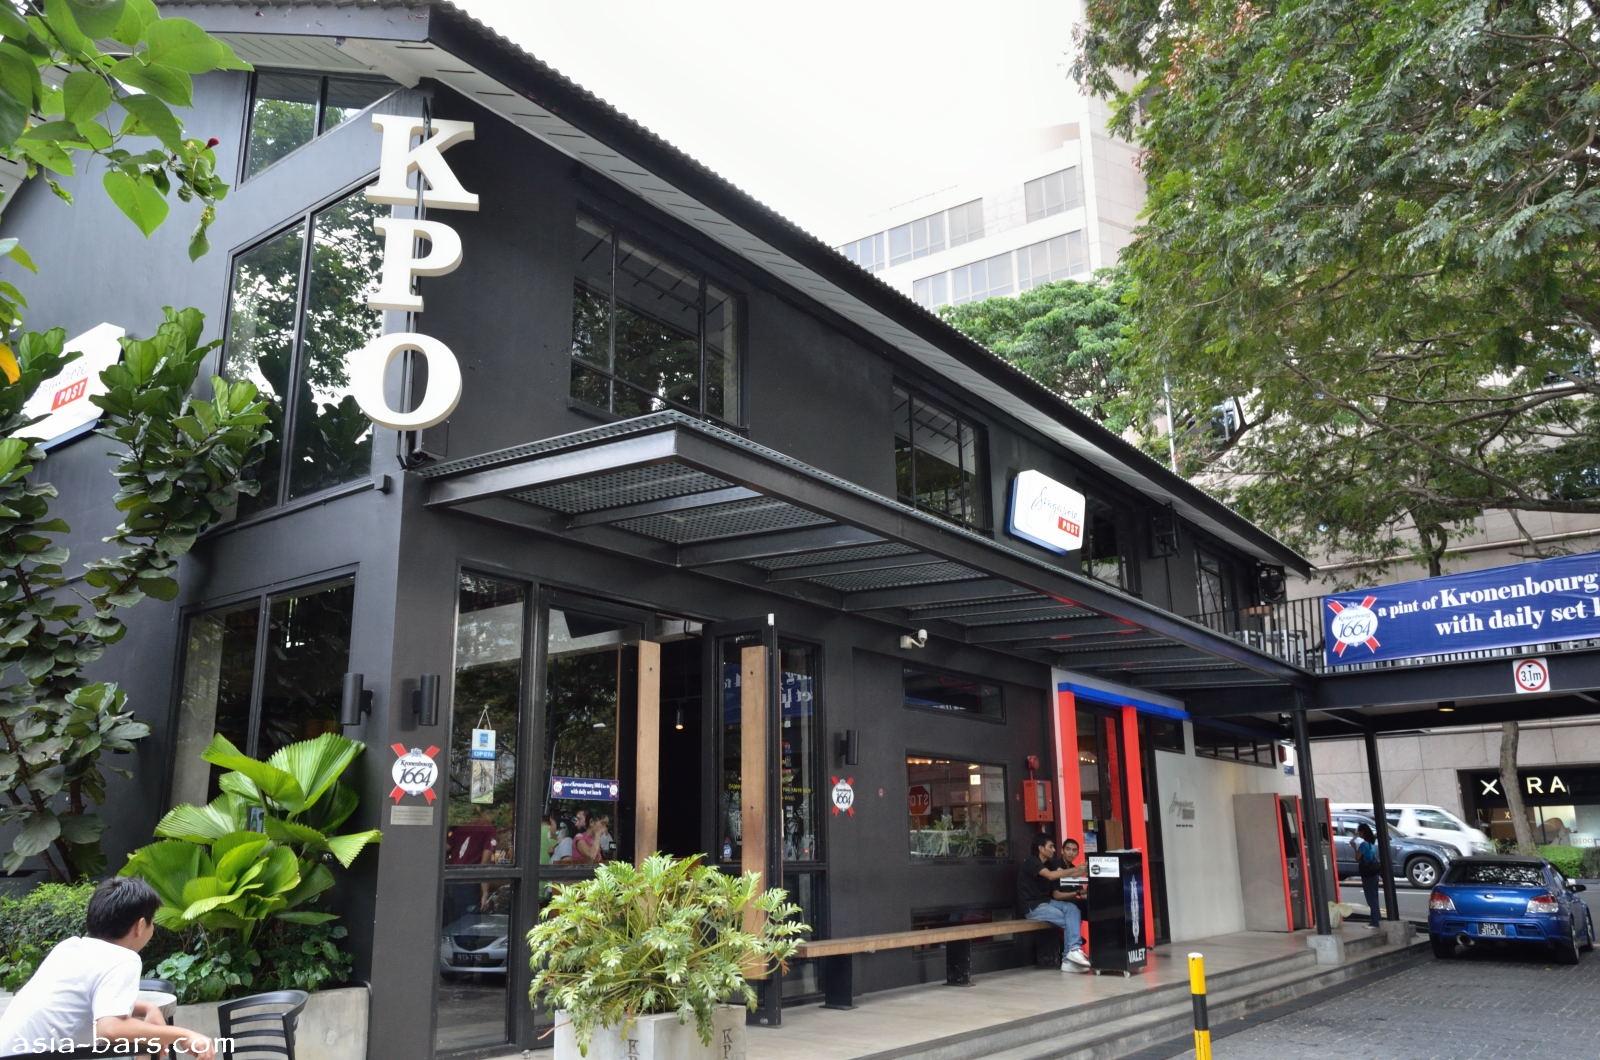 Kpo Cafe Bar Singapore